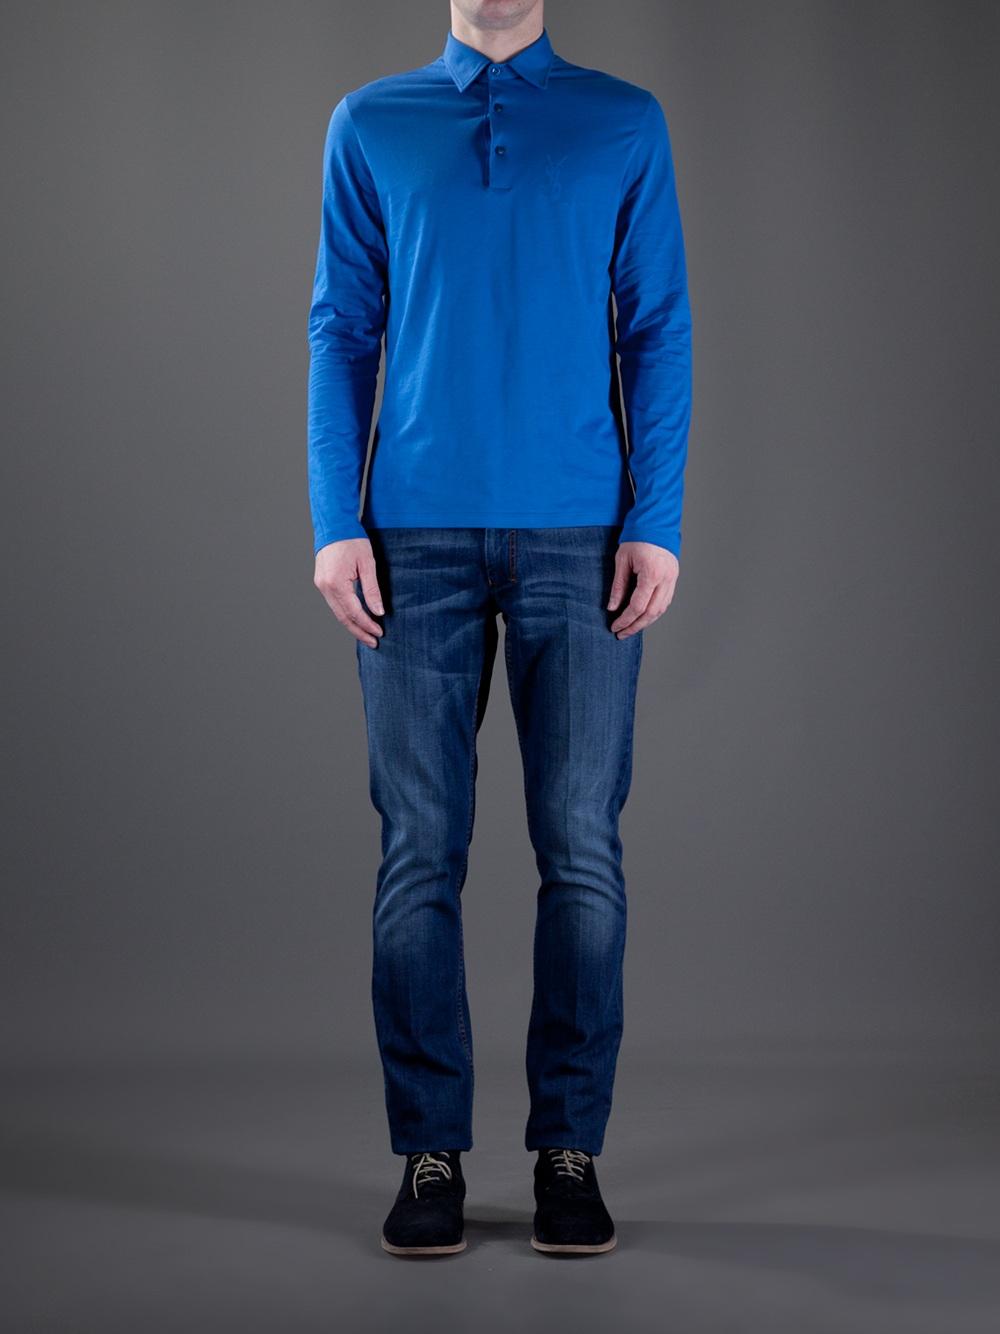 Saint laurent long sleeve polo shirt in blue for men lyst for Yves saint laurent white t shirt